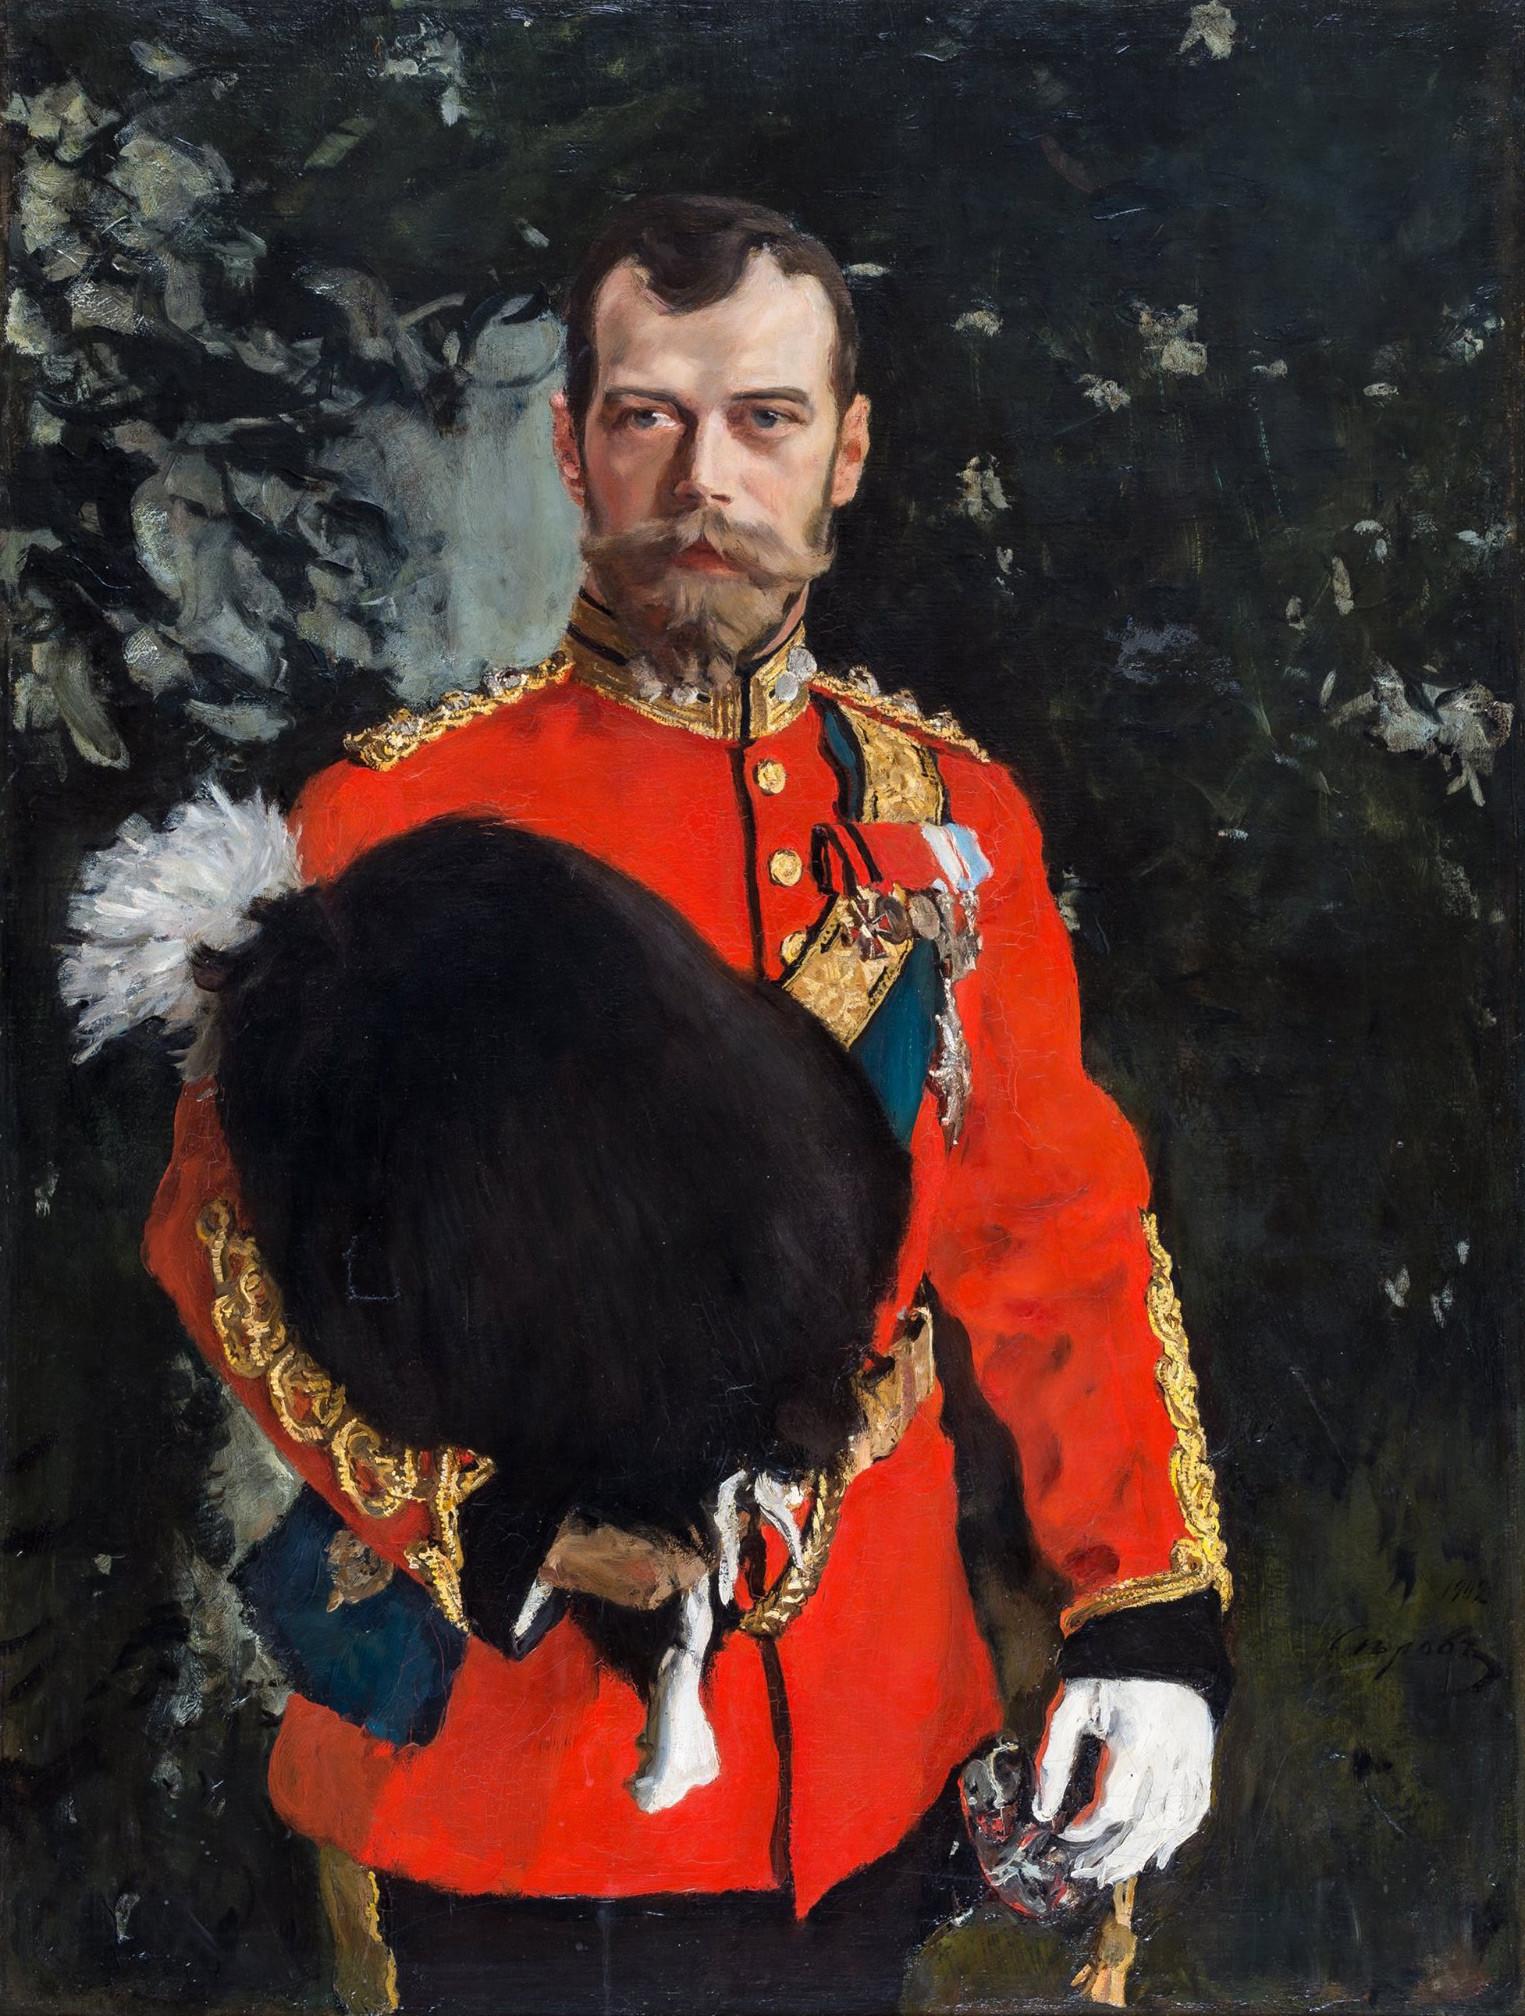 Nikolay II, panglima kehormatan Royal Scots Greys, 1902. Sang kaisar Rusia tampil dengan seragam lengkap sebagai panglima kehormatan 2nd Dragoons (Royal Scots Greys). Karya Valentin Serov.